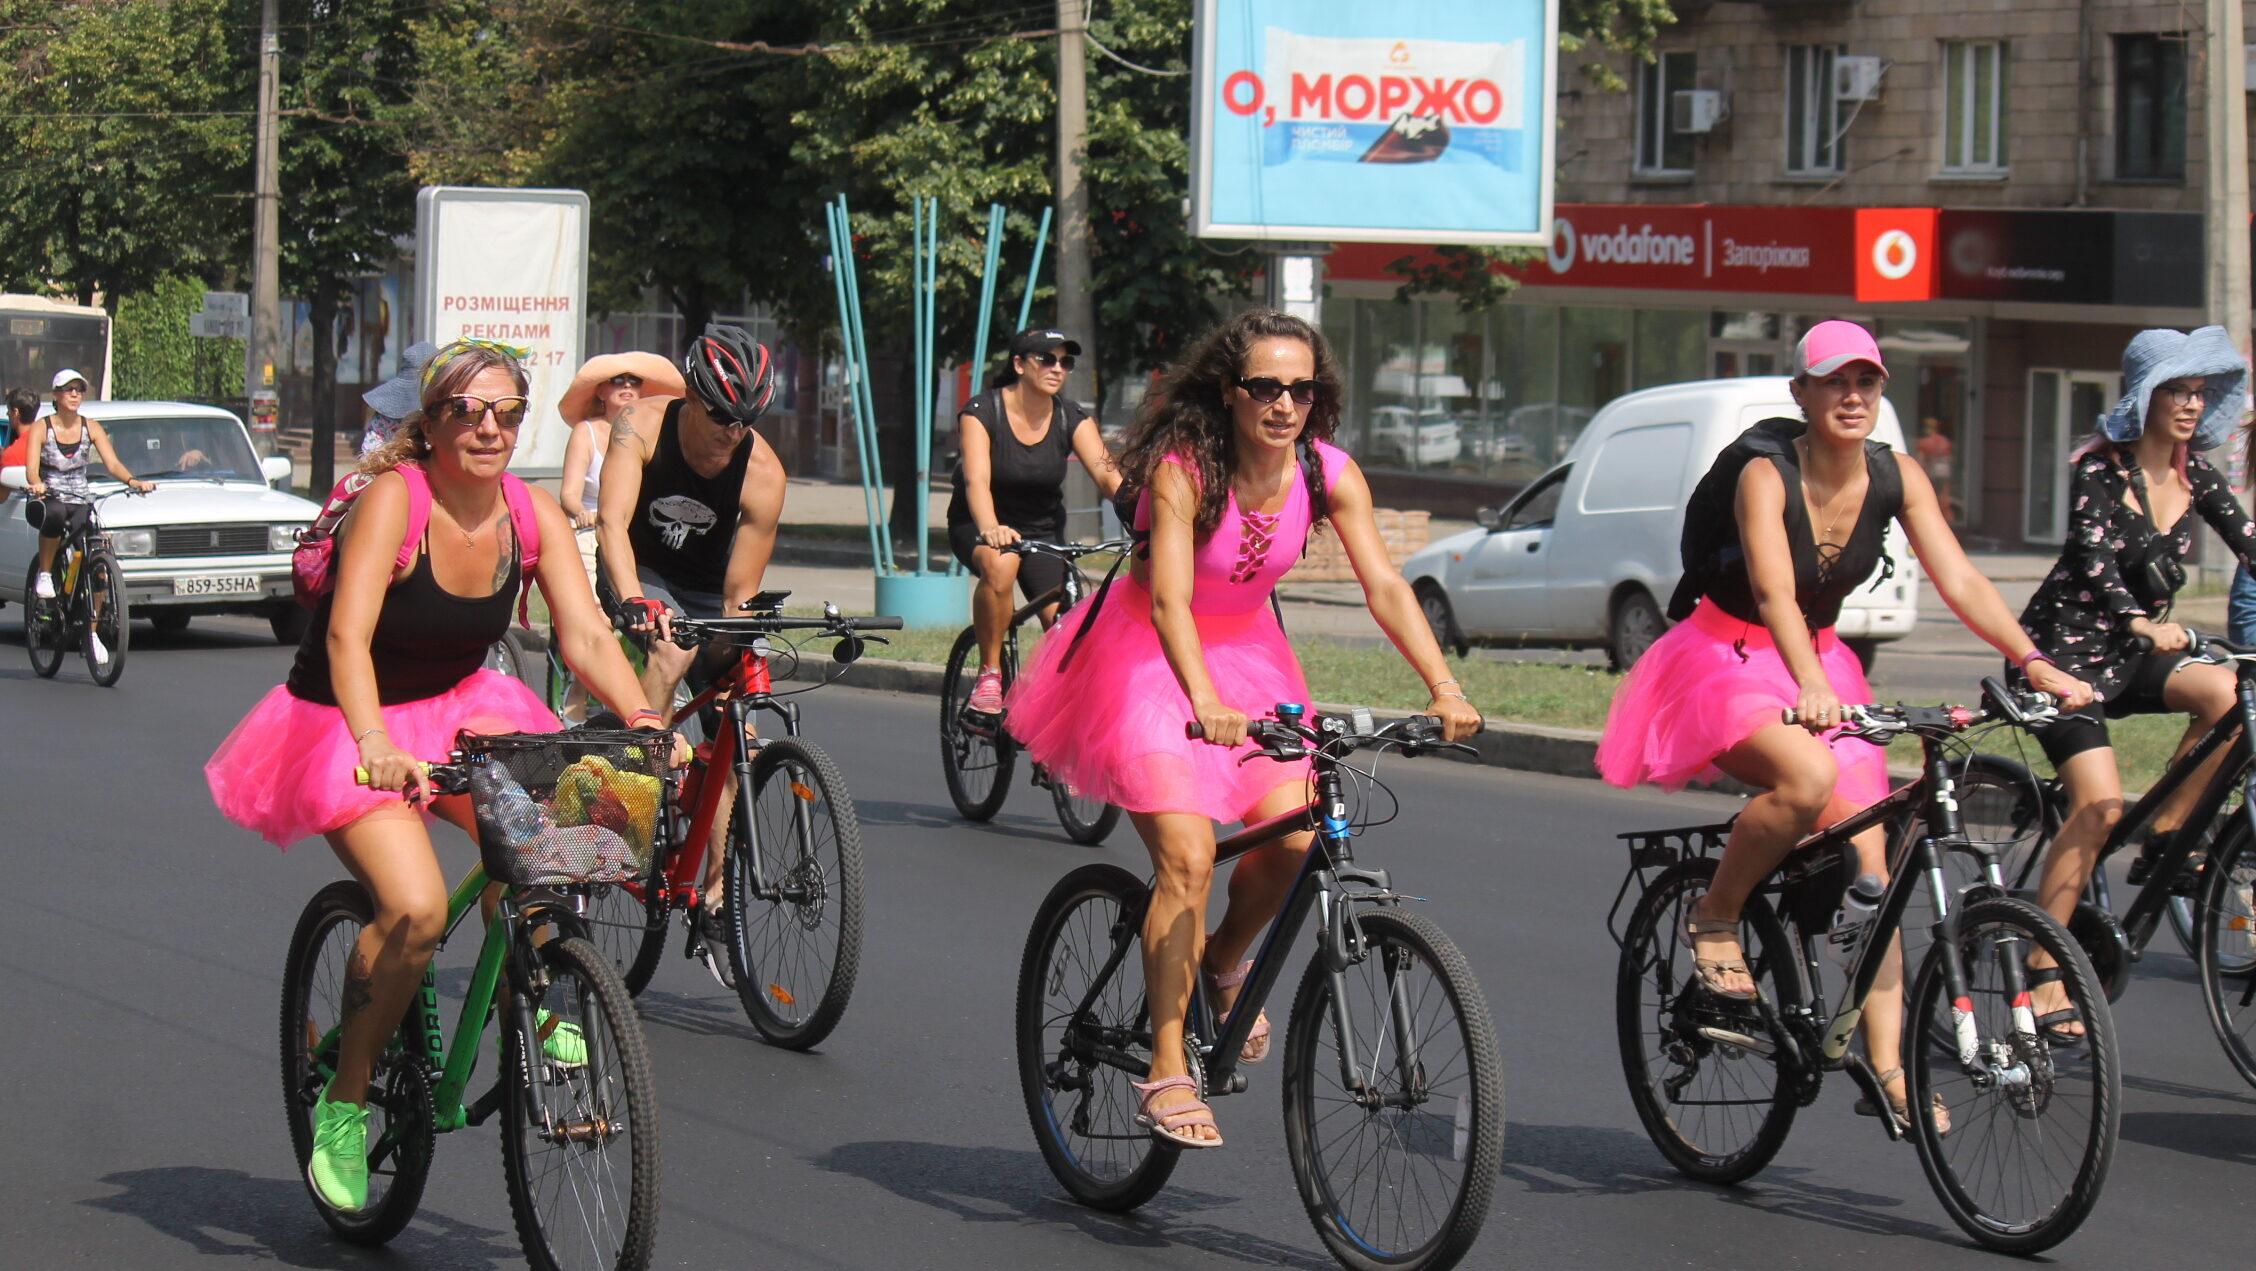 В Запорожье состоялся масштабный парад девушек на велосипедах, – ФОТОРЕПОРТАЖ